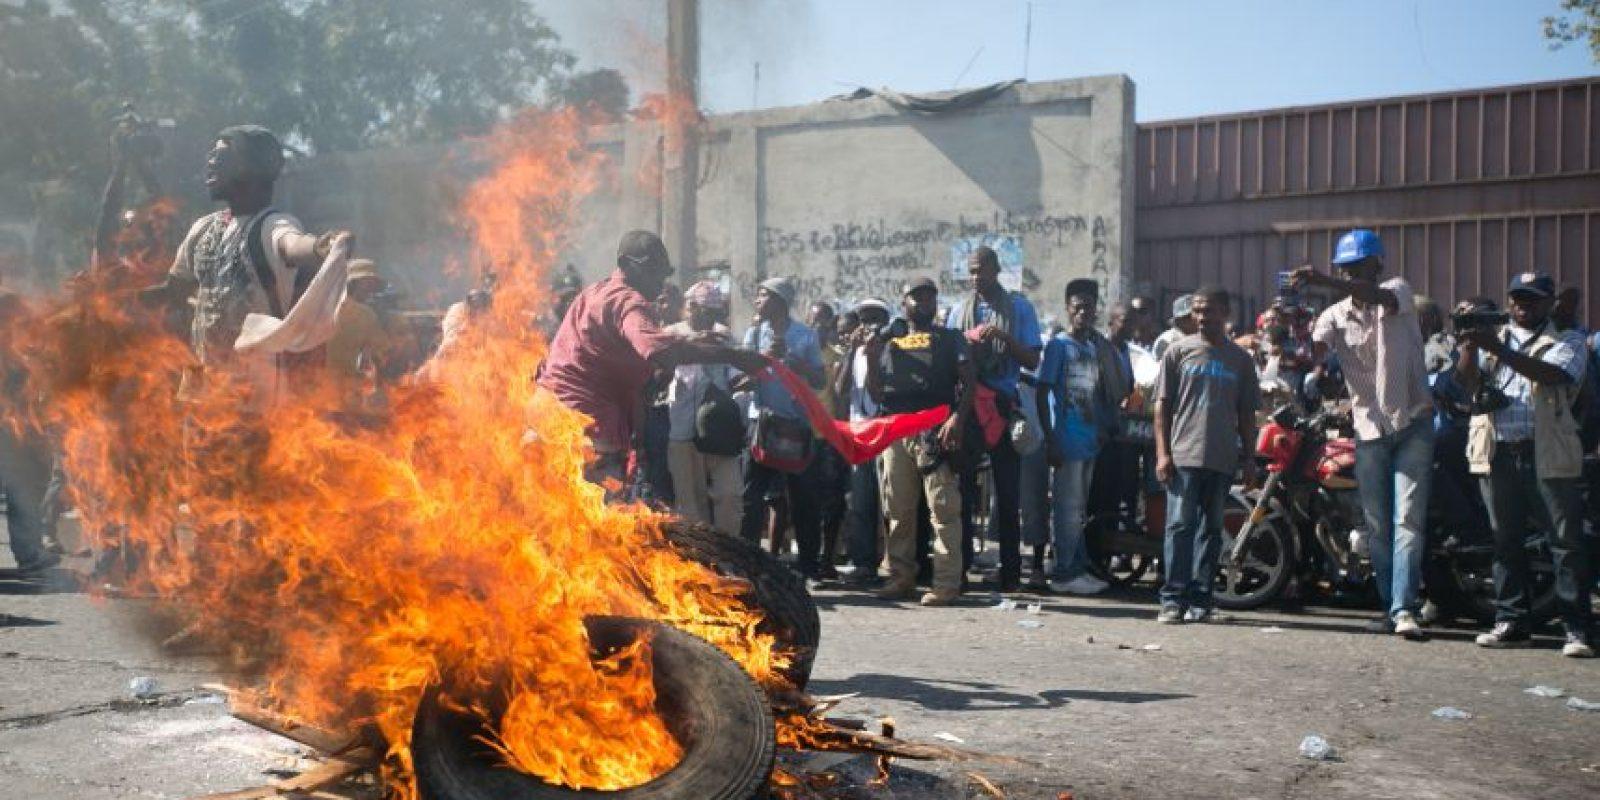 Parte de la población haitiana ha tomado las calles manifestándose en contra de la segunda vuelta electoral. Foto: Fuente externa